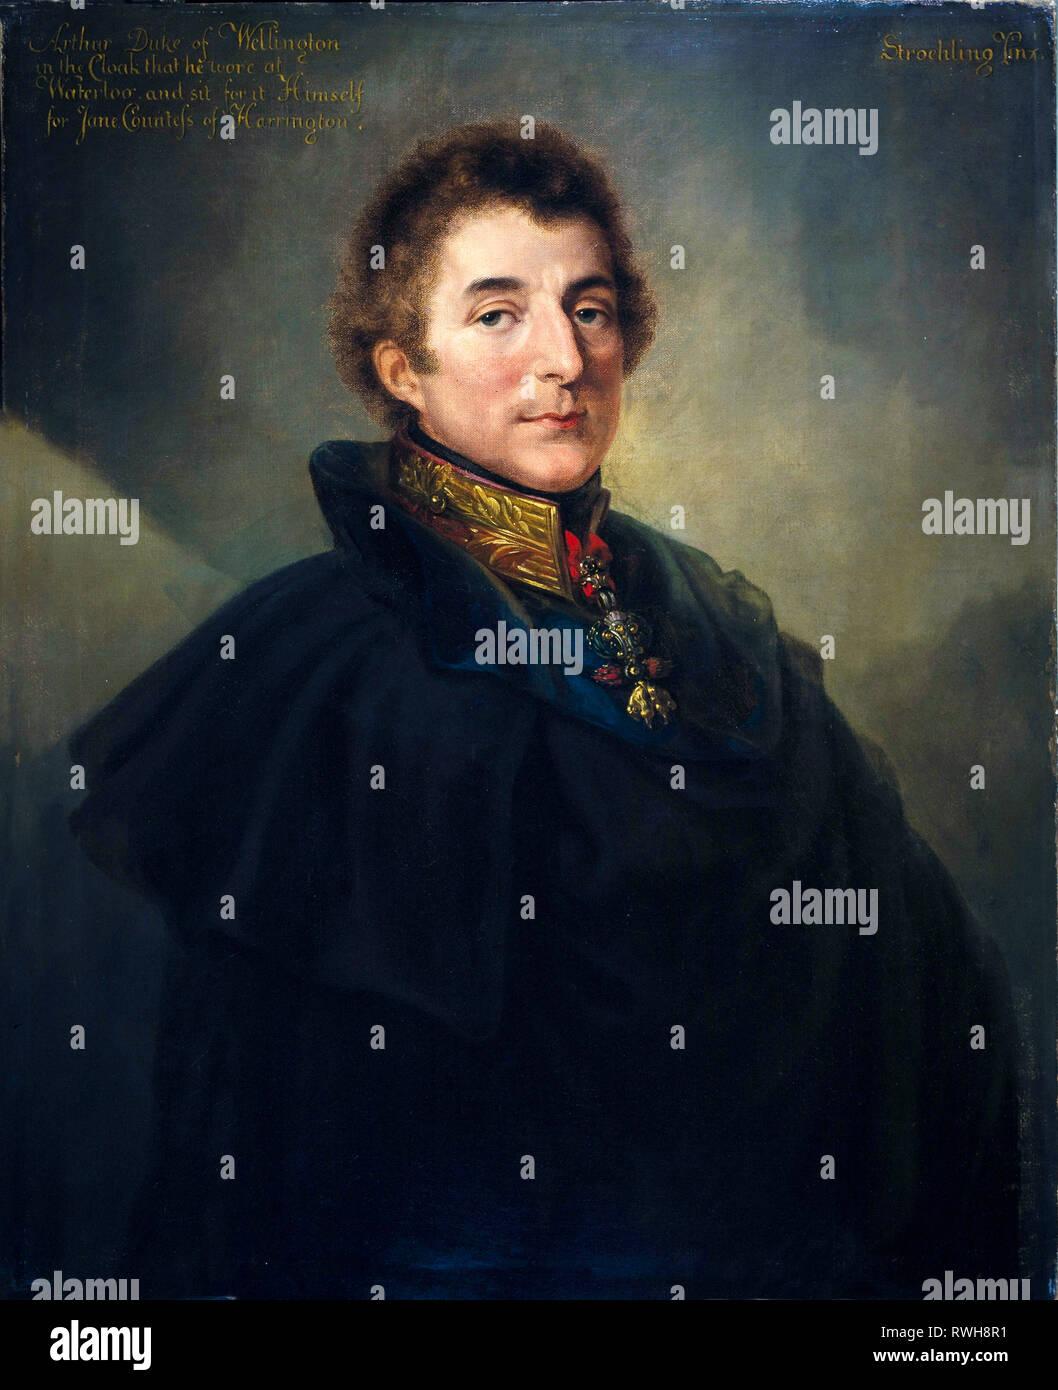 El mariscal de campo Arthur Wellesley, KG GCB (1769-1852), primer duque de Wellington, retrato, 1820 por Peter Edward Stroehling Foto de stock